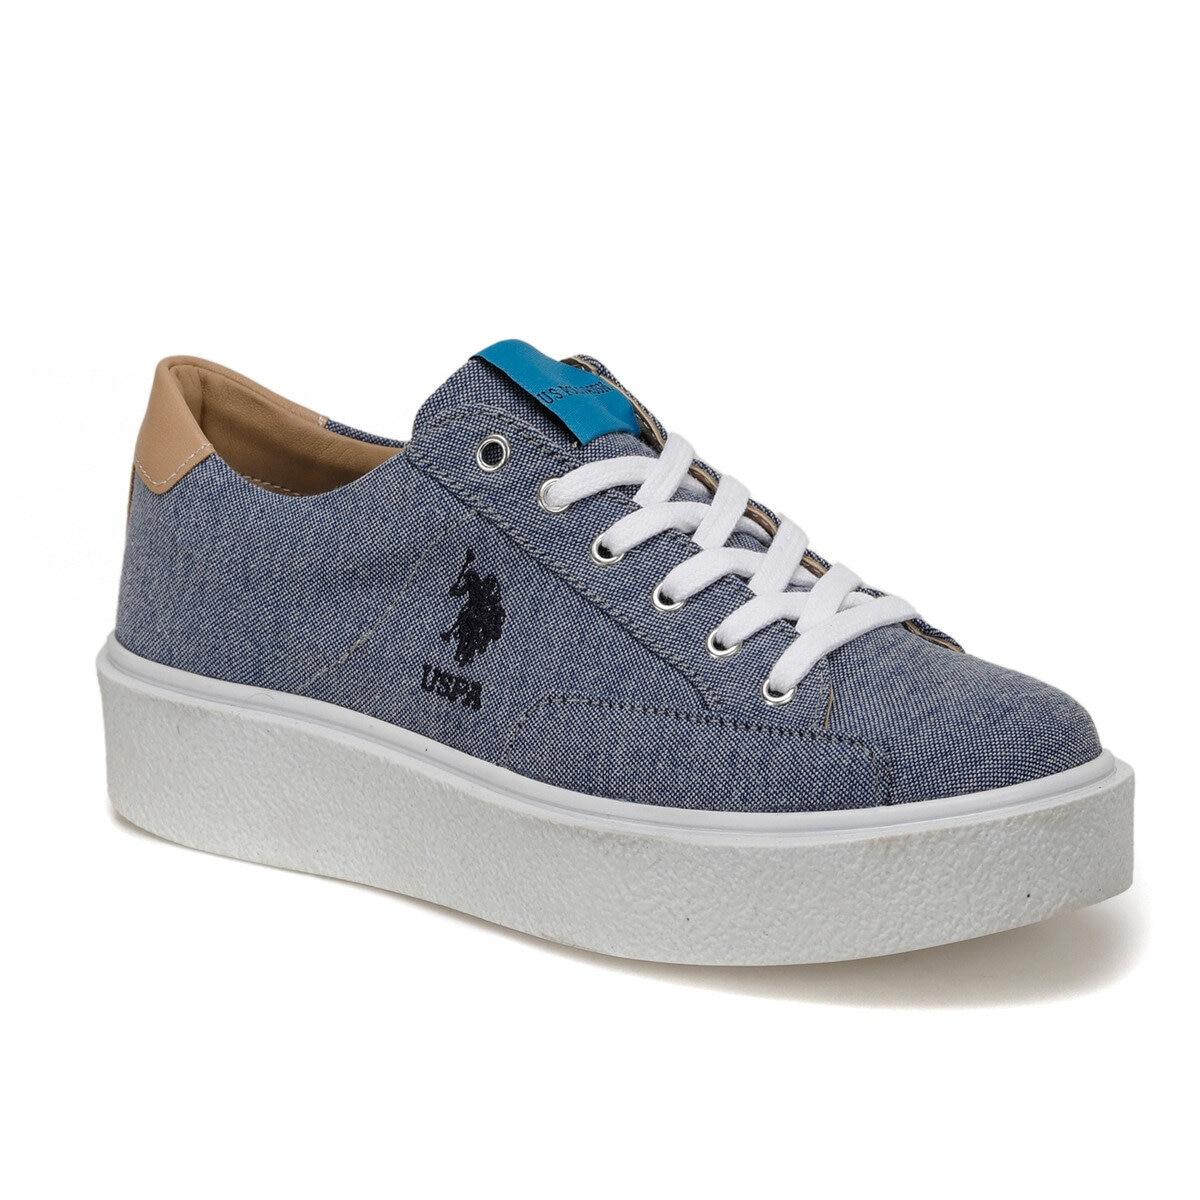 FLO/синие женские кроссовки; 2020; Модная дышащая Вулканизированная обувь; Женская обувь на платформе; Женская повседневная обувь на шнуровке; U.S. POLO ASSN. MARIQ Кроссовки и кеды      АлиЭкспресс